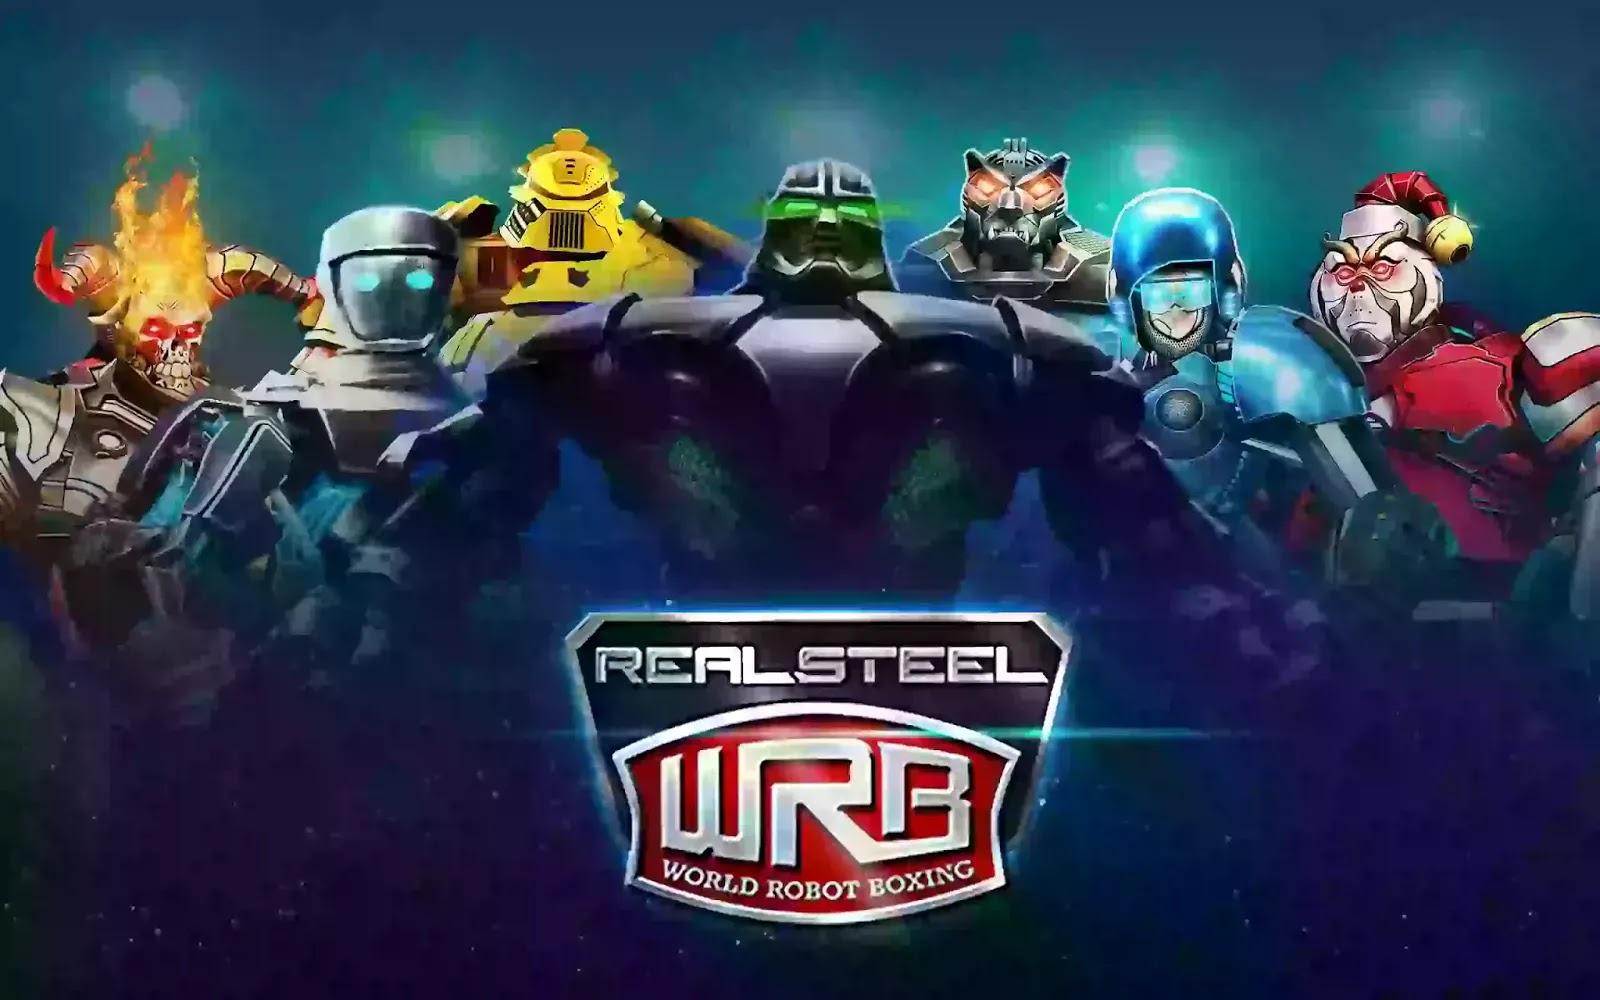 قم بتنزيل وتشغيل Real Steel World Robot Boxing  للمشاركة في المواجهة الشرسة بين الروبوتات بطل العالم.